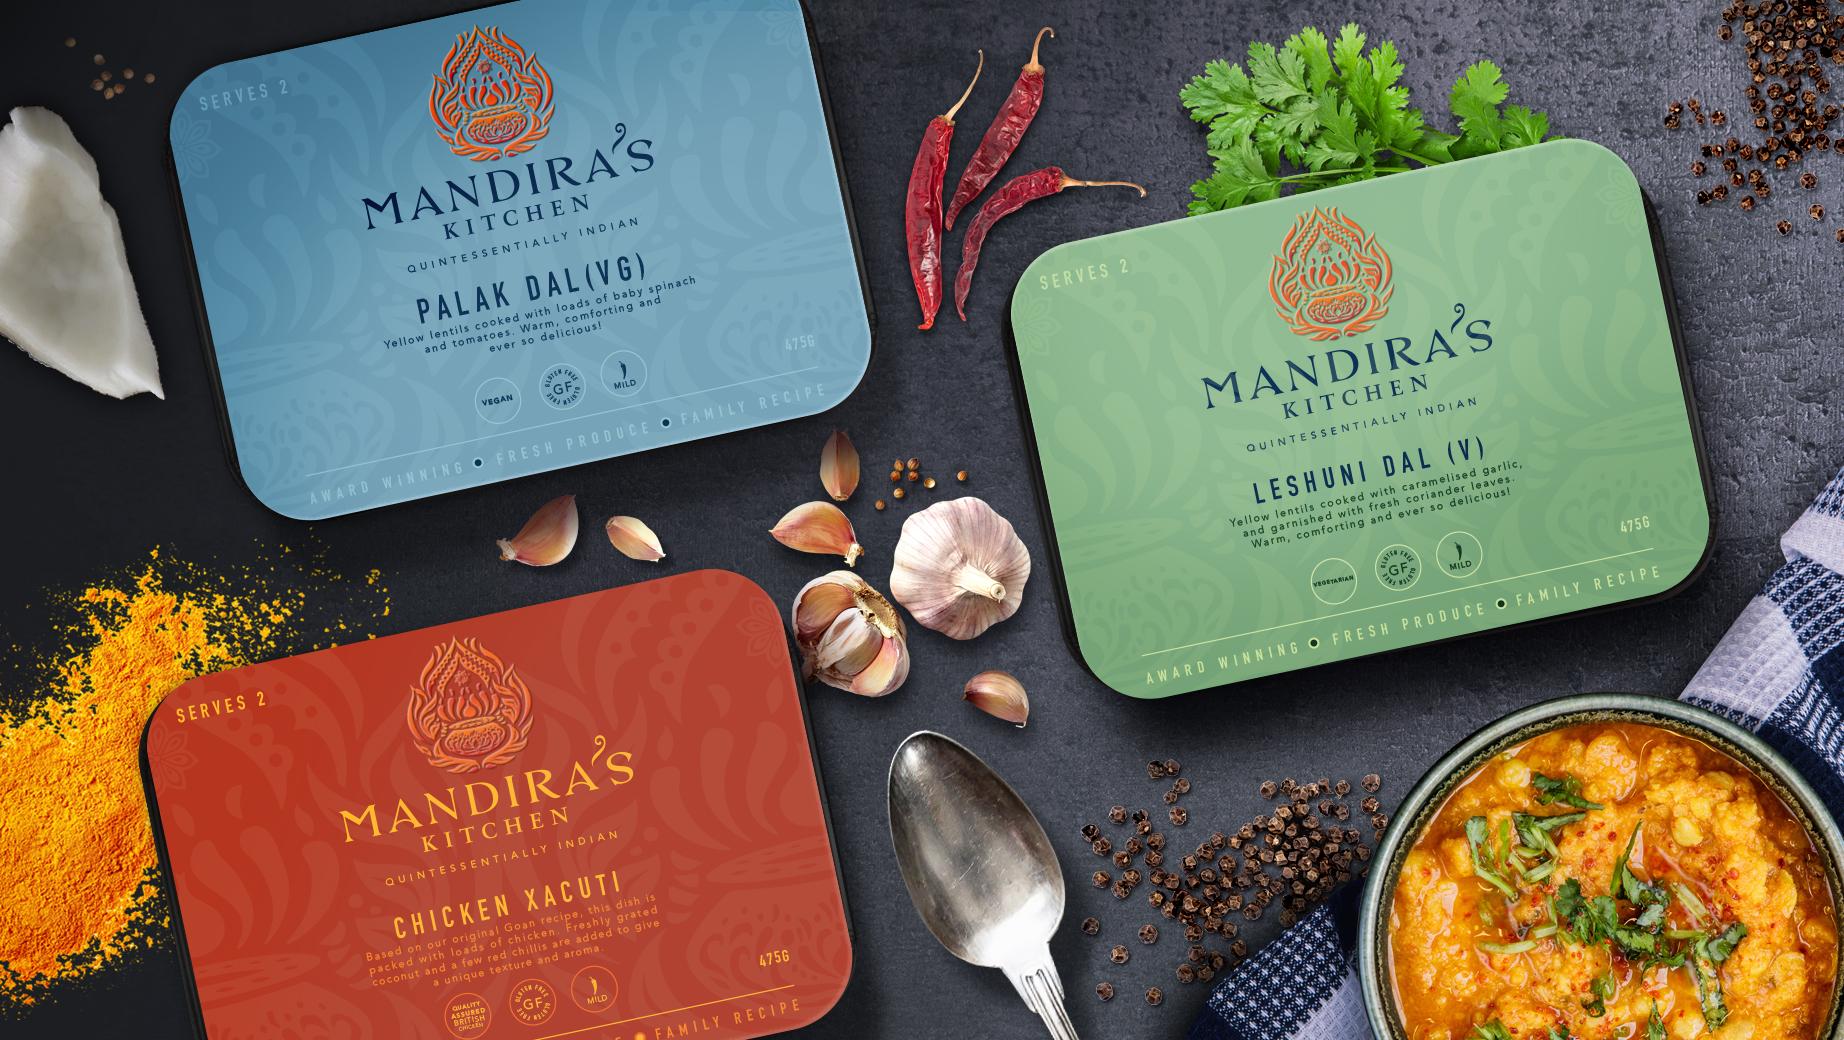 Mandiras Kitchen_RANGE_TOP DOWN_WF.jpg